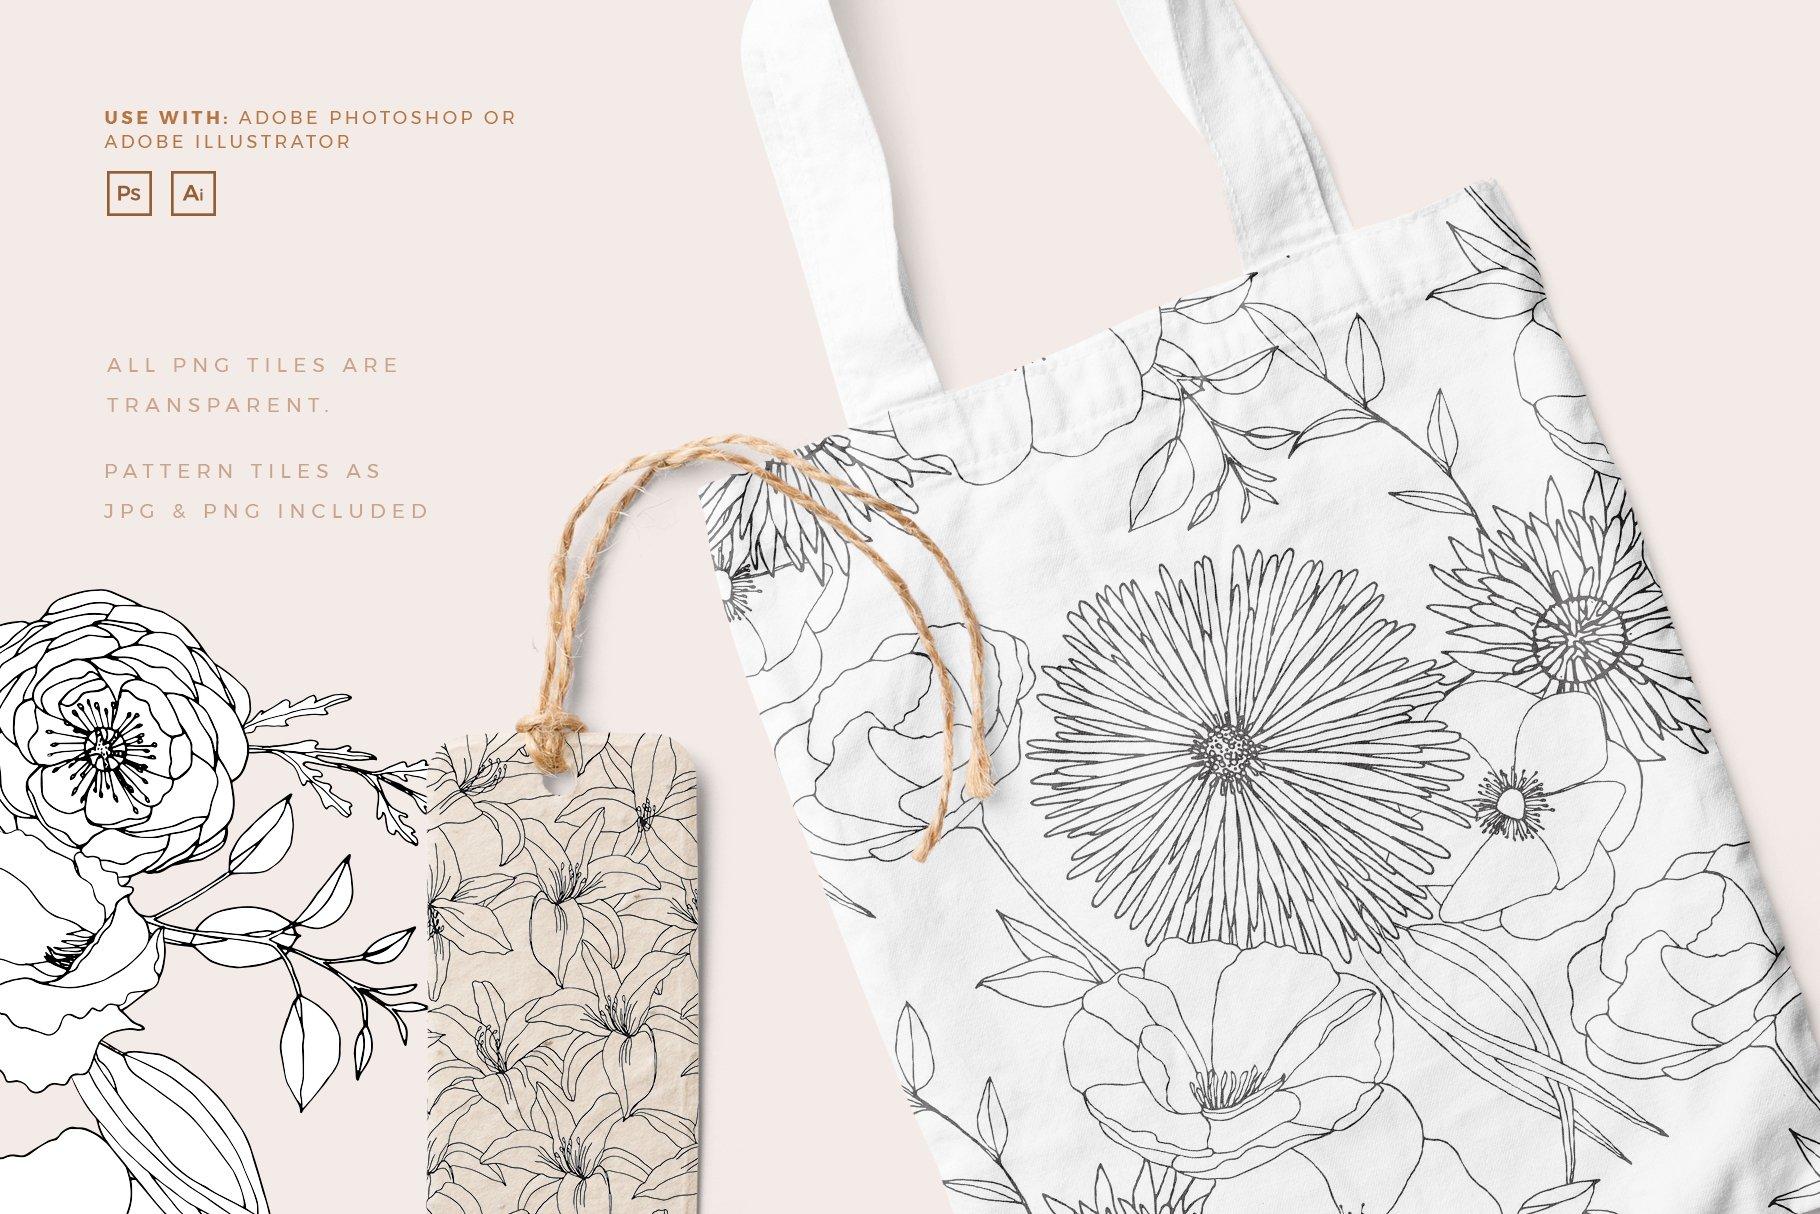 精美手绘花卉花朵无缝隙矢量线稿图案素材 Floral Blast Patterns And Bouquets插图(2)